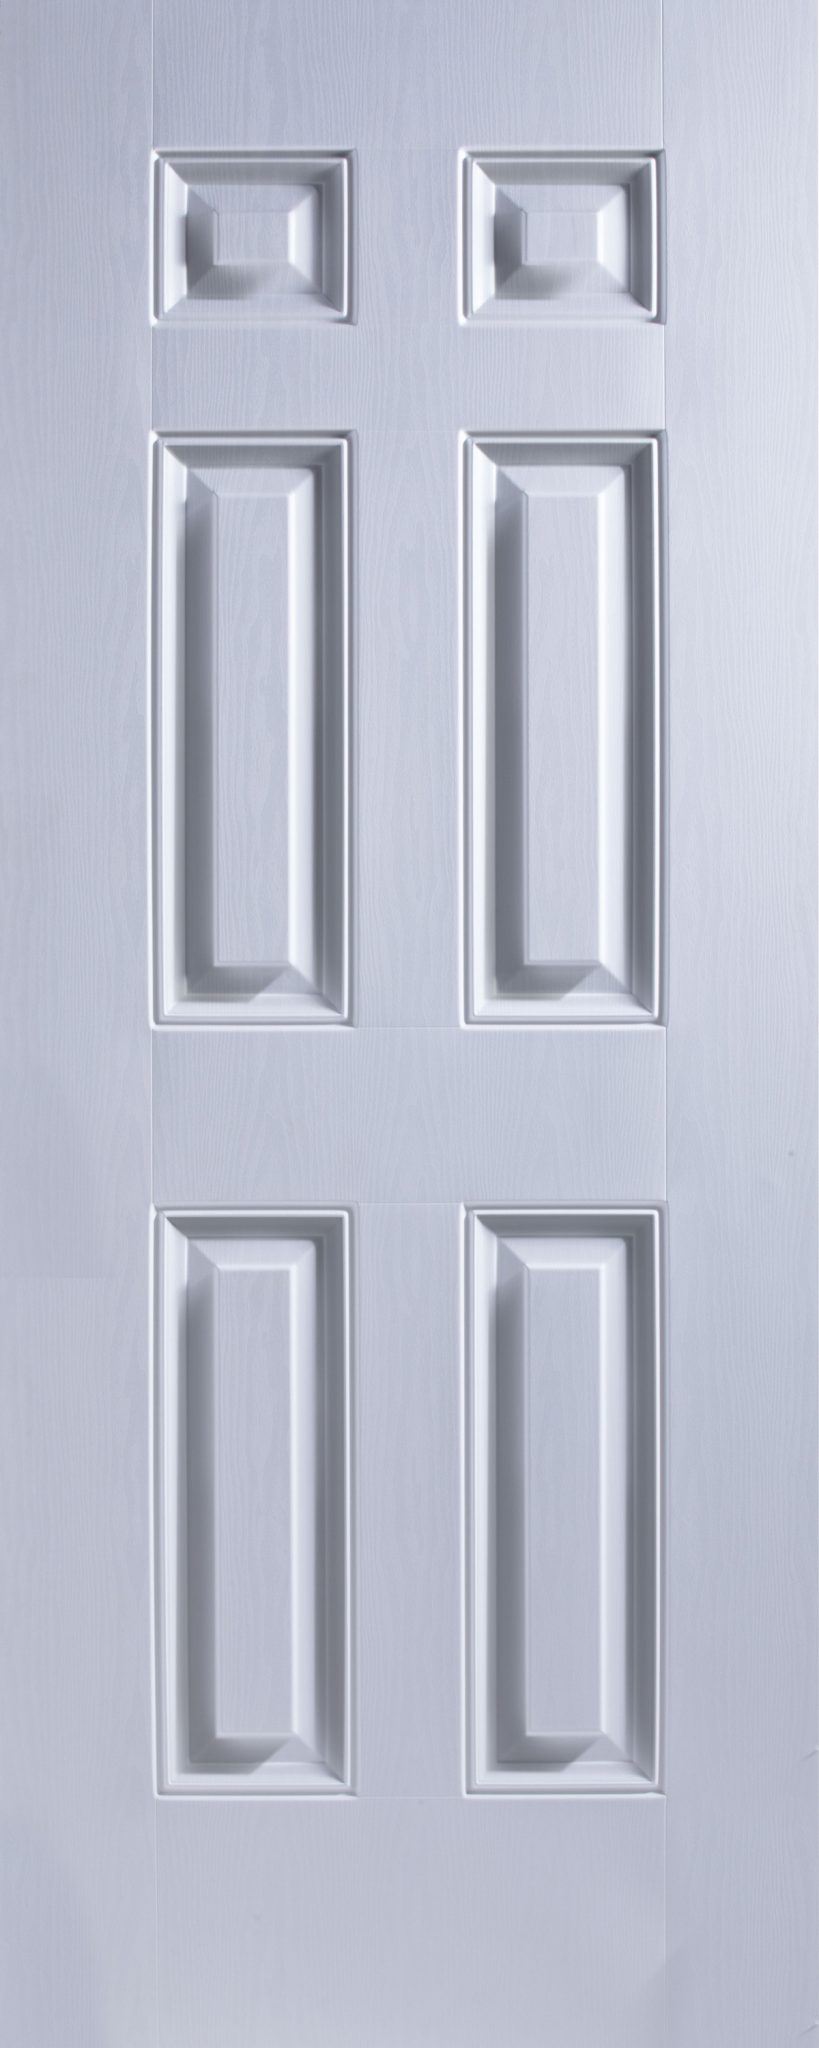 ประตู รุ่น UPVC 6